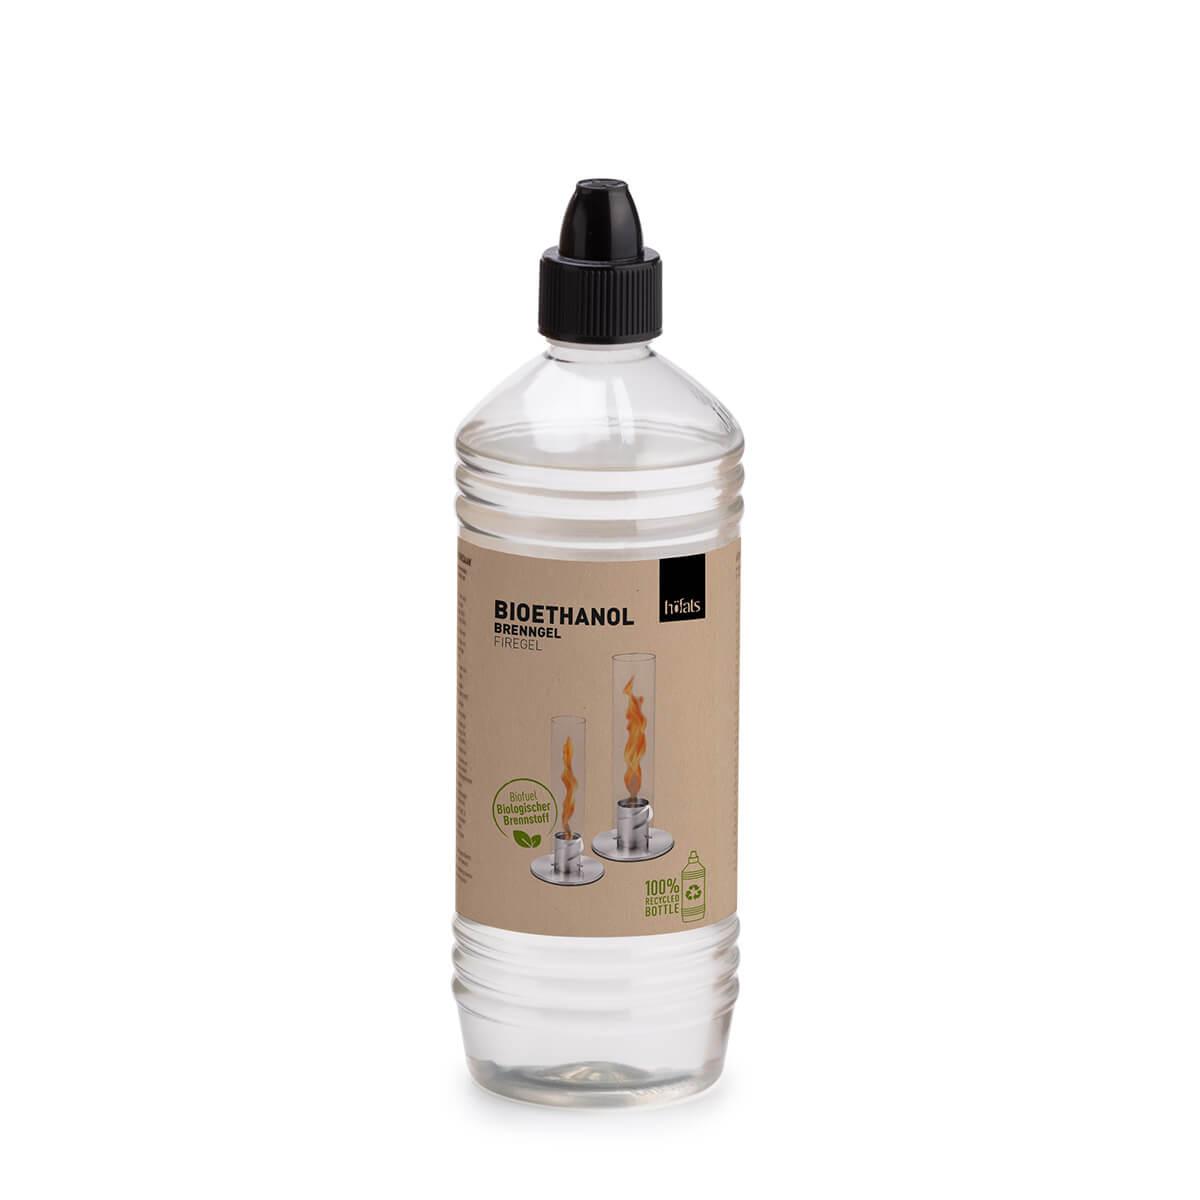 Höfats Spin Bioethanol Brenngel 090801